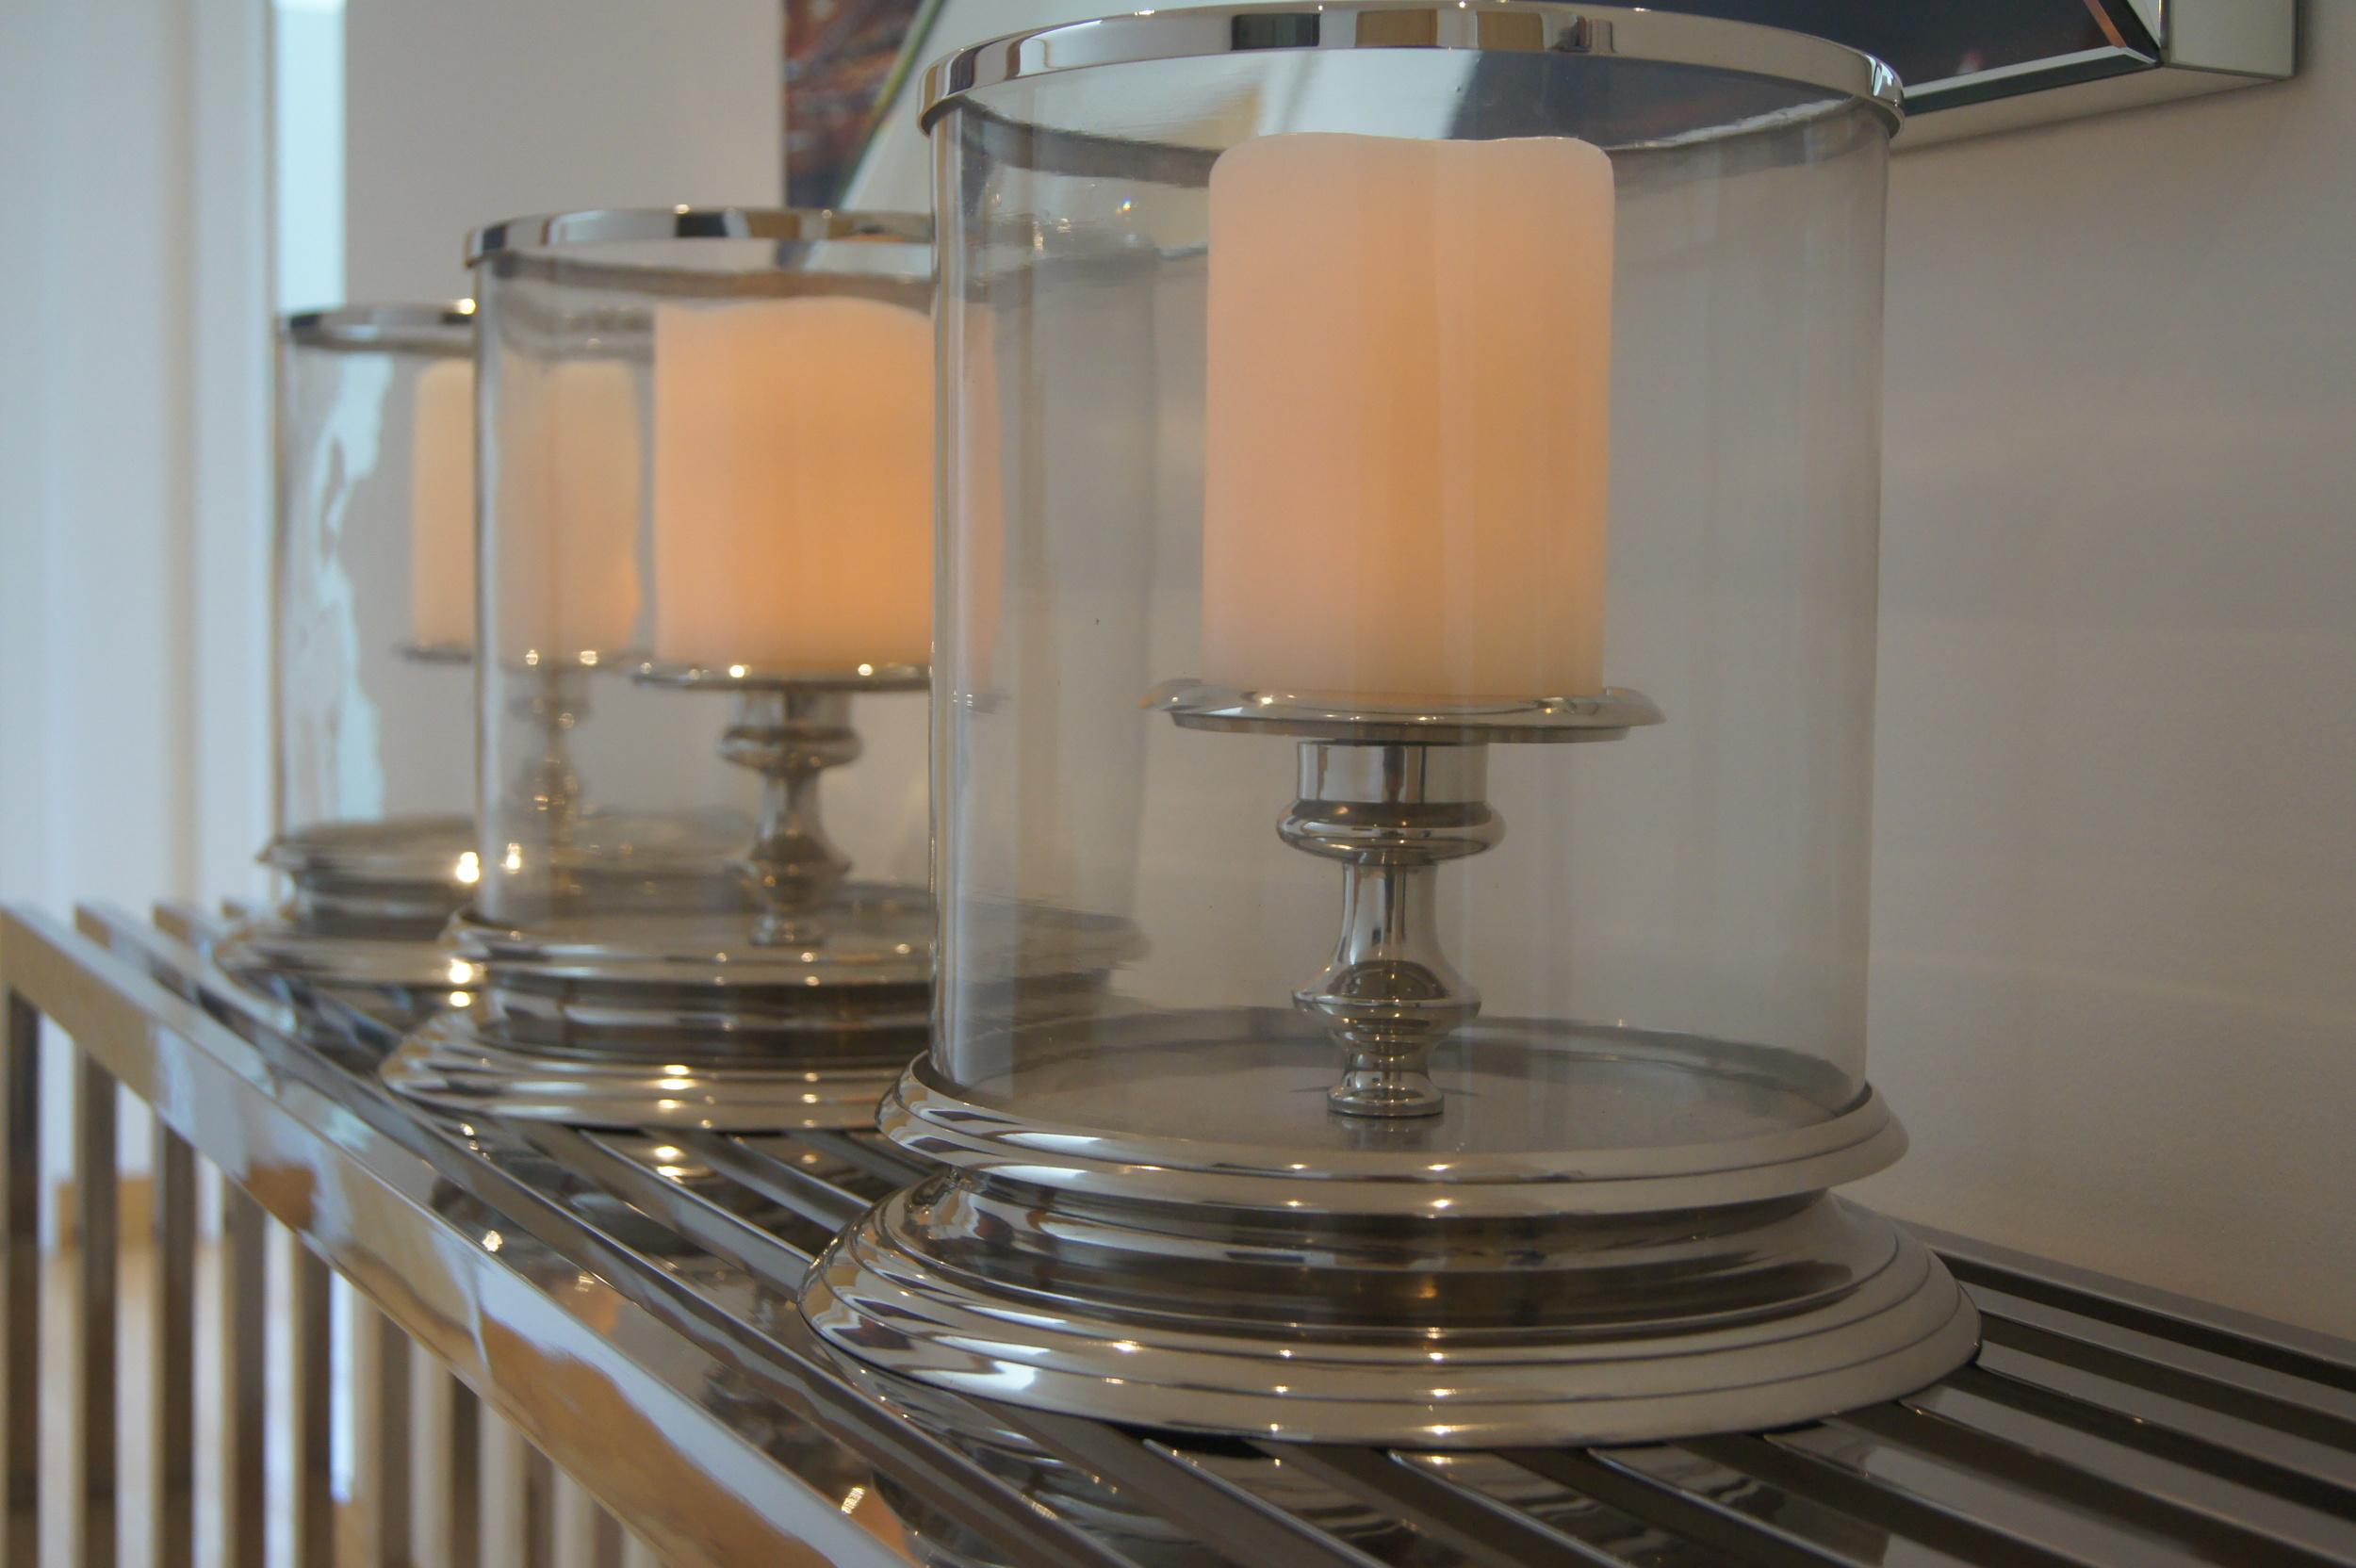 Oppidan candles close up.JPG